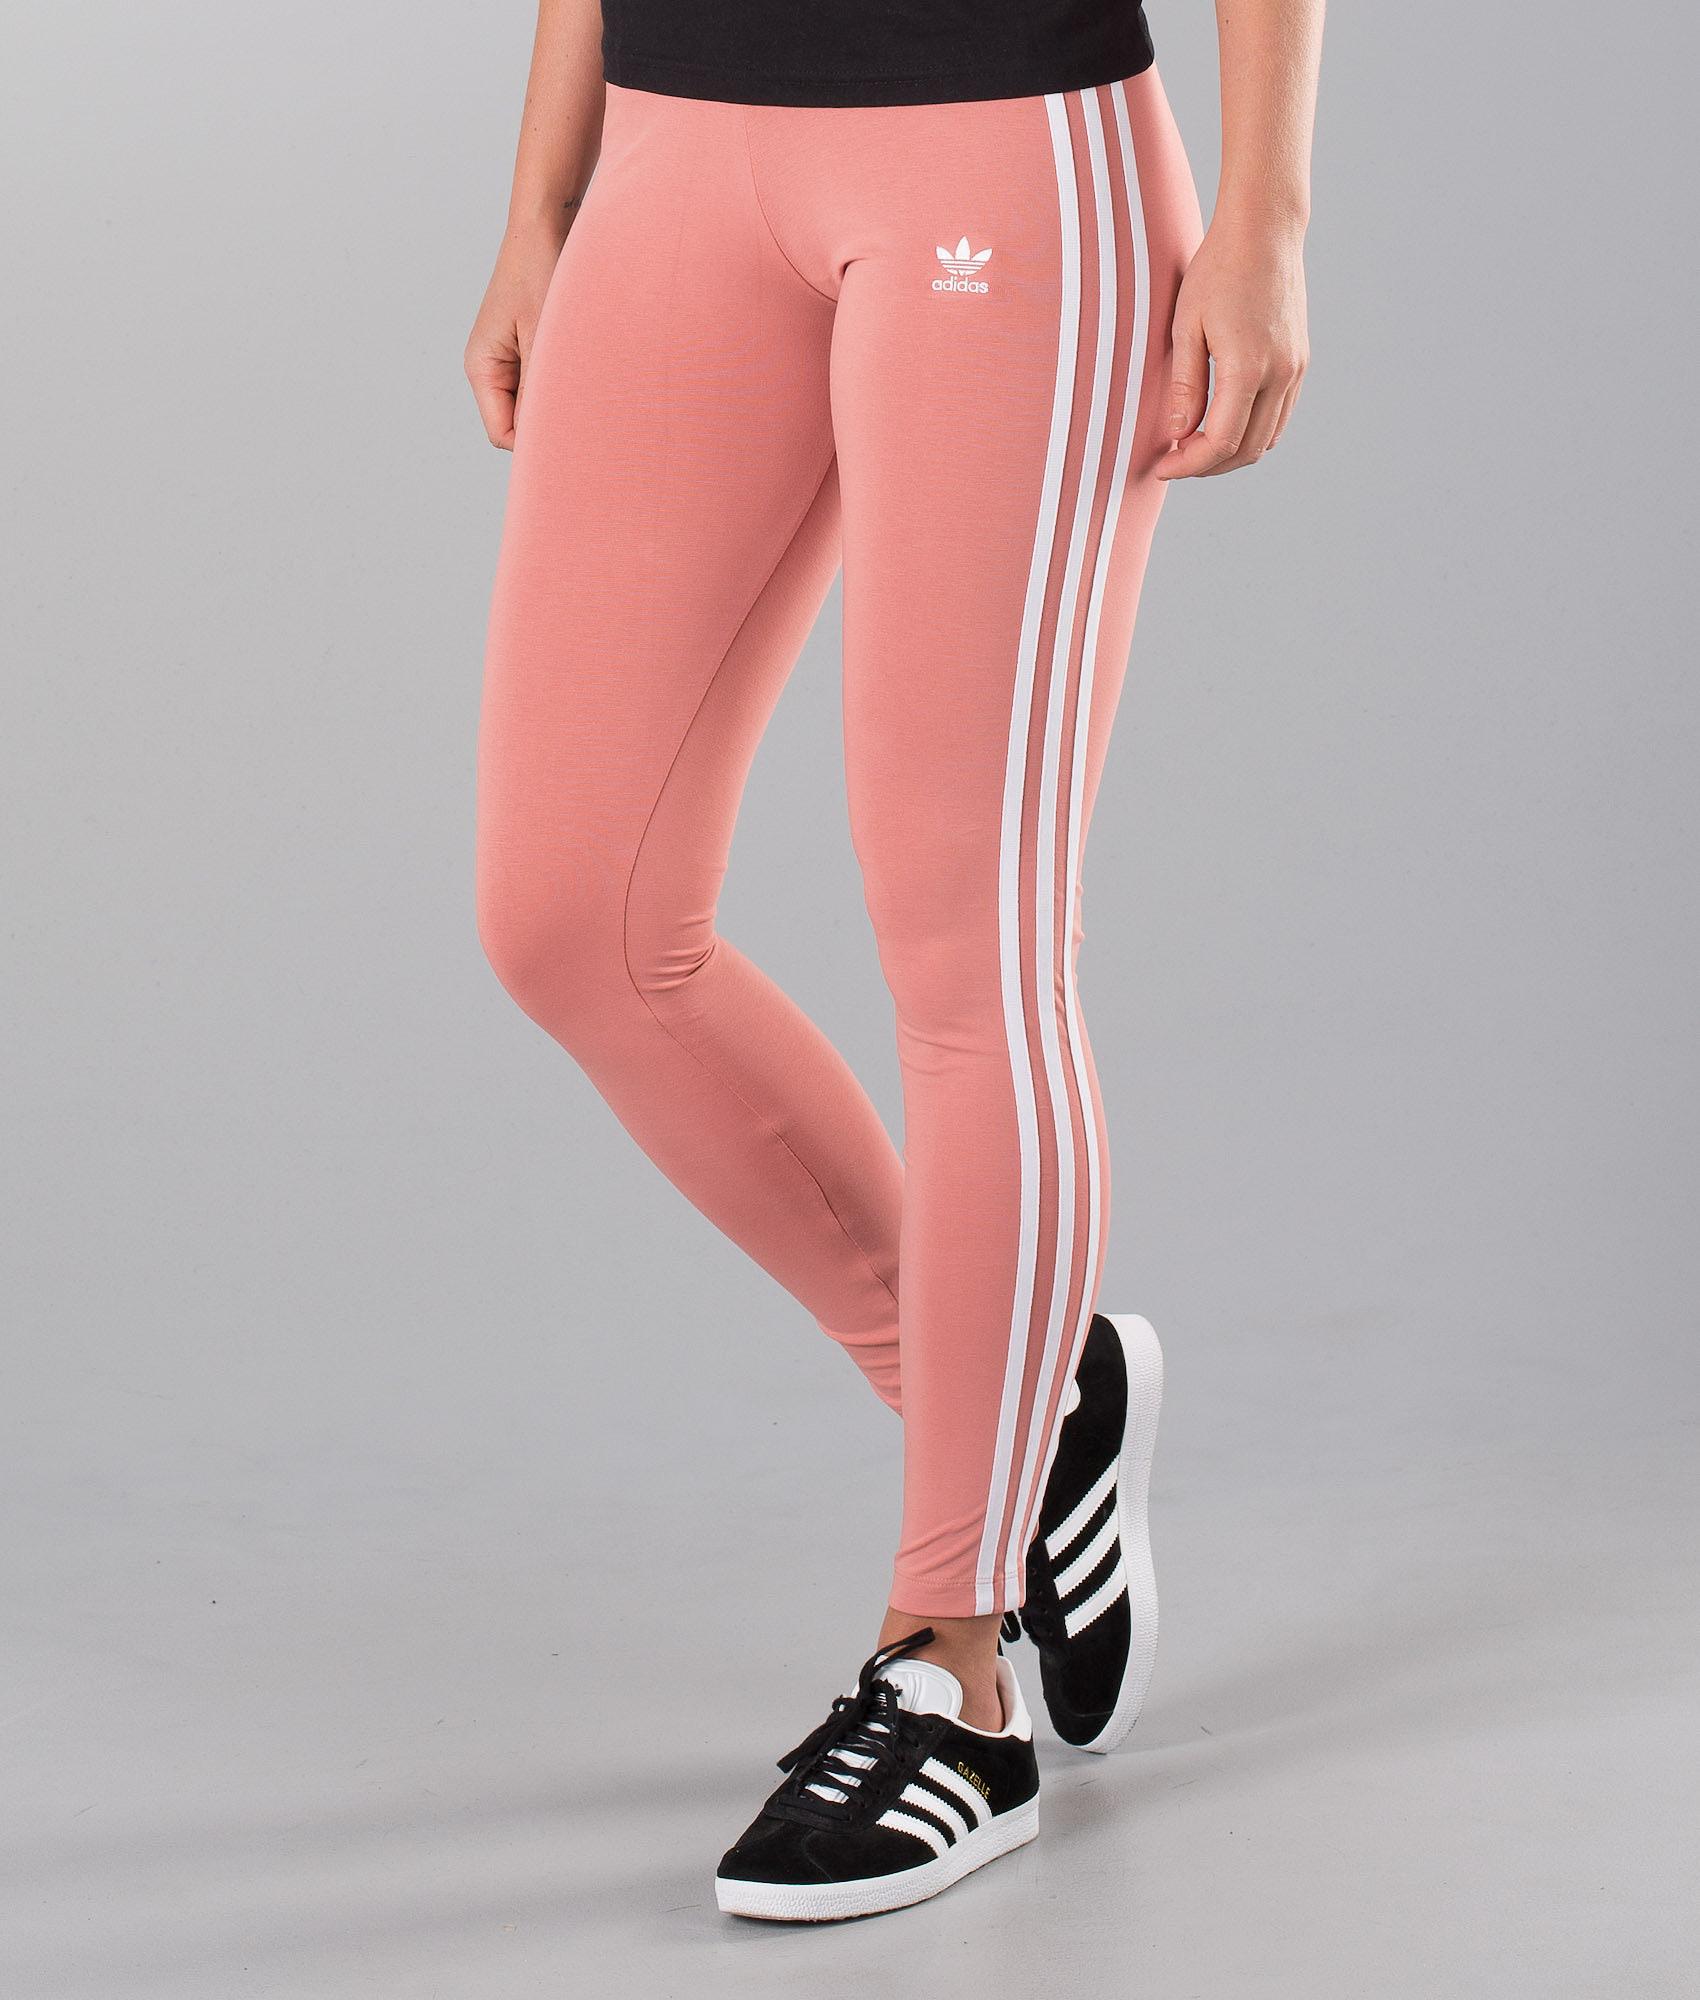 ff58193d8adfb Adidas Originals 3 Stripes Leggings Ash Pink - Ridestore.com